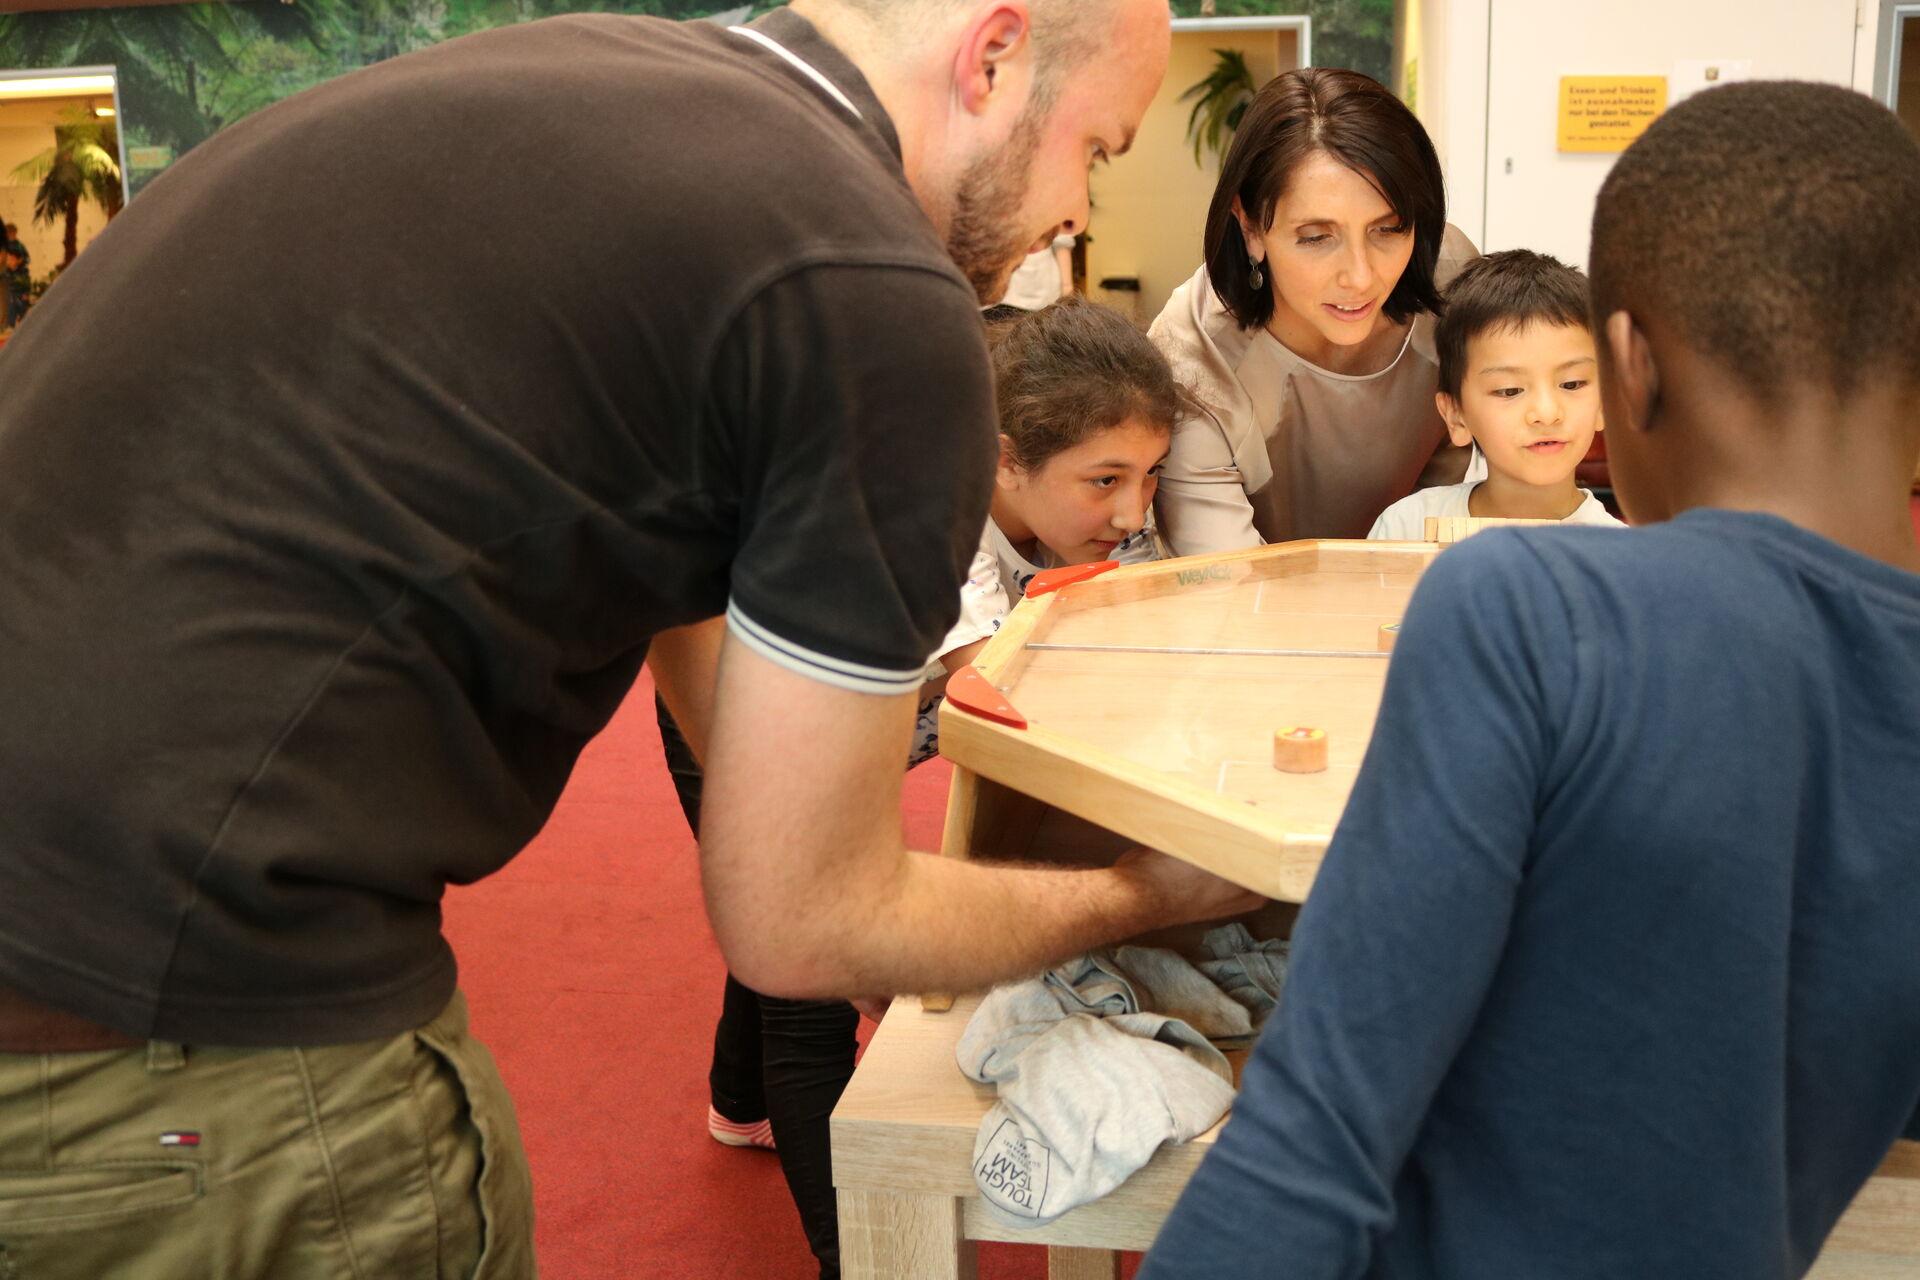 Park Hyatt Vienna schenkt Kindern schöne Momente - Obdach Wien